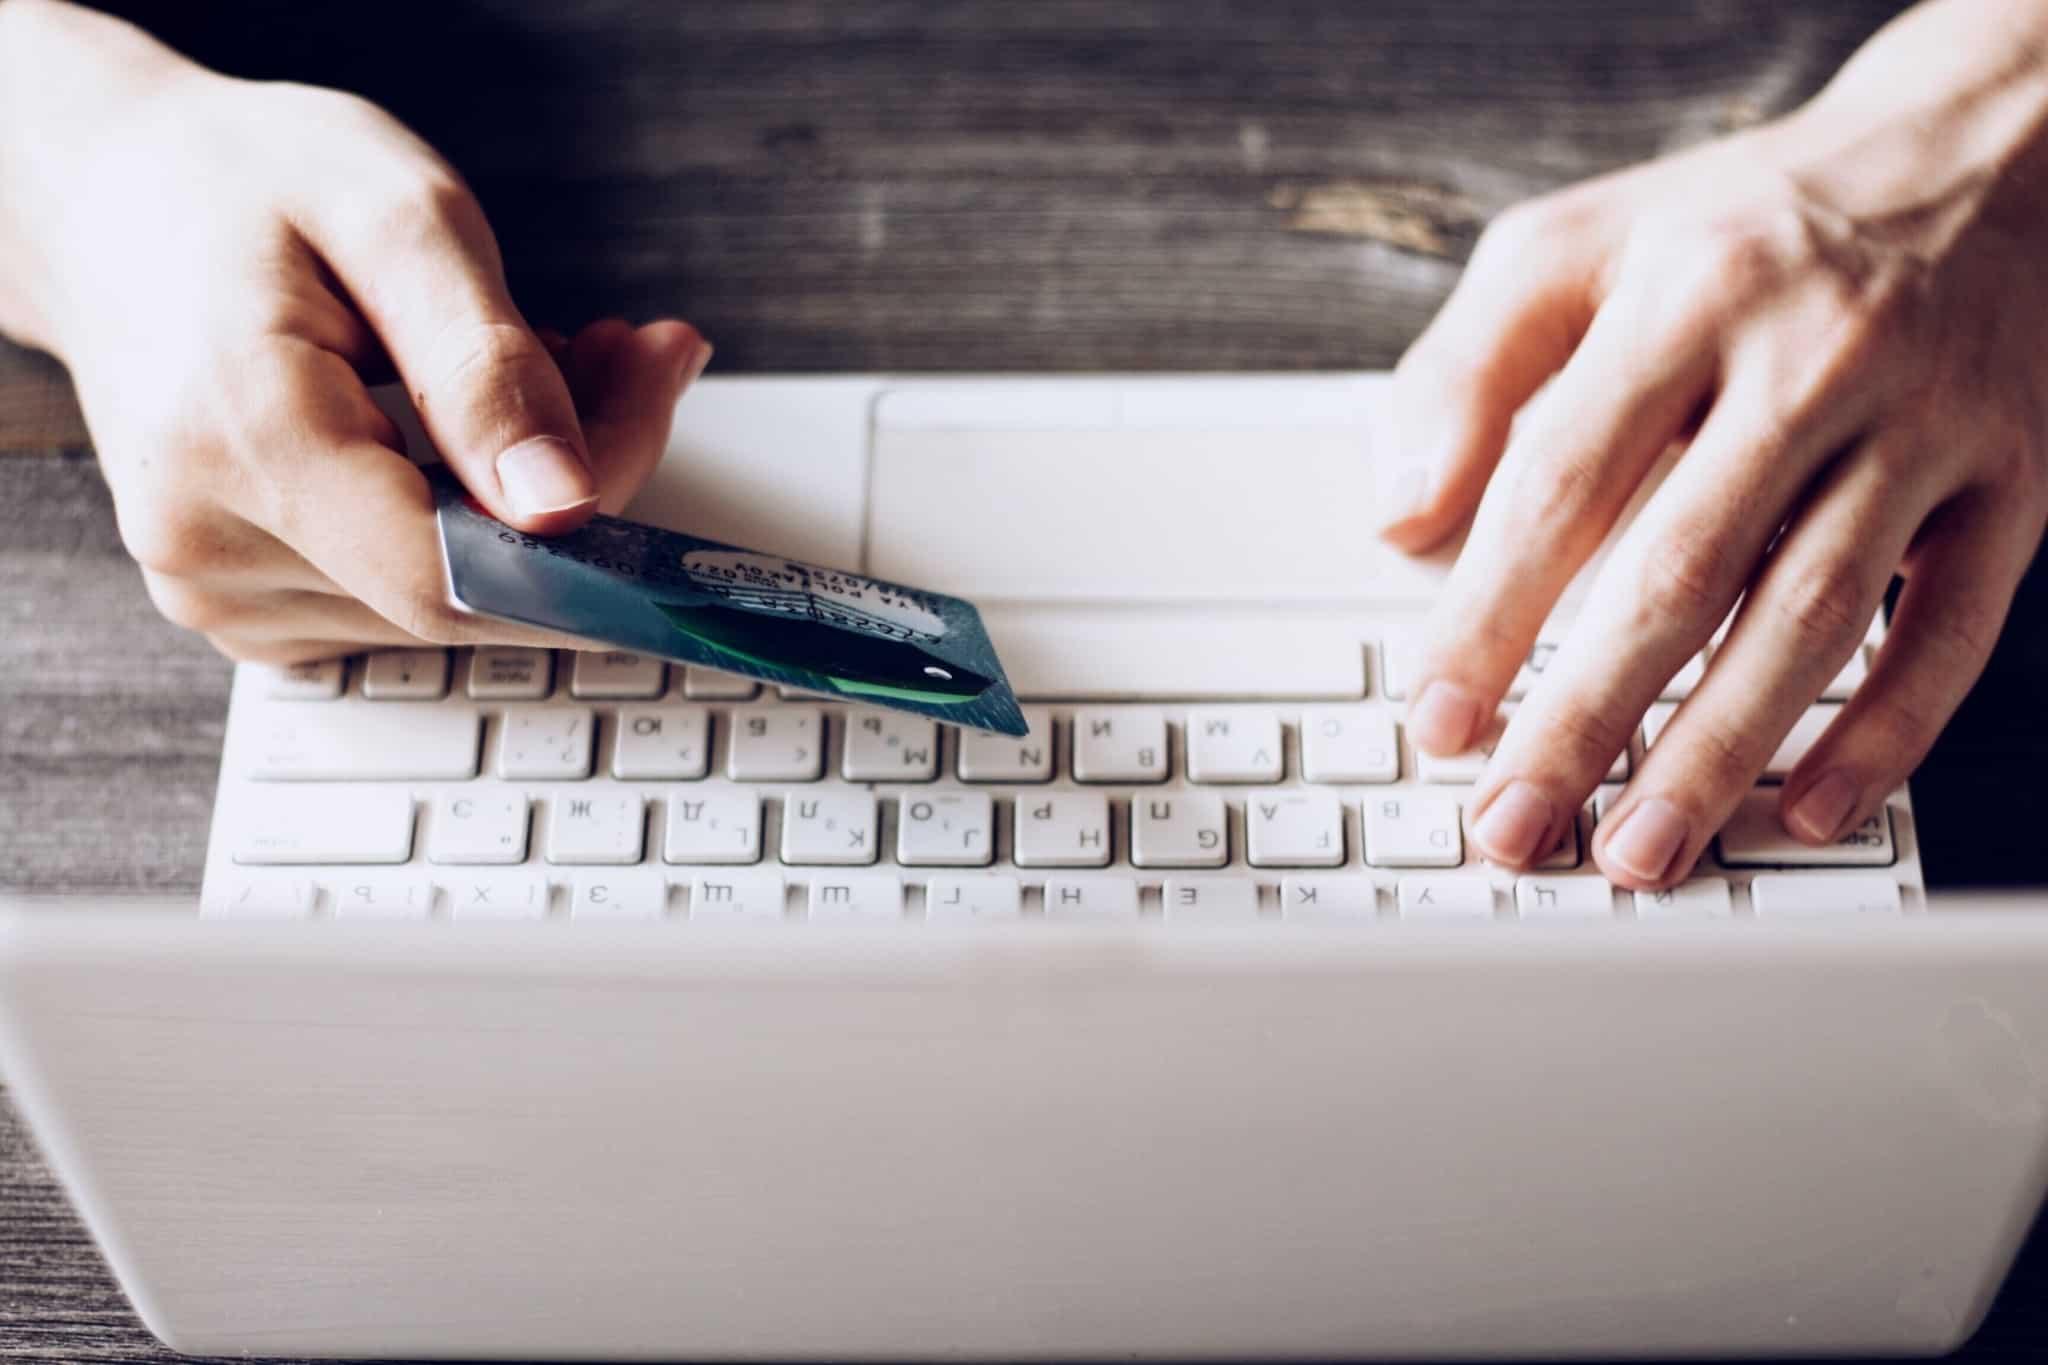 pessoa com o portatil branco e o cartão de crédito na mão direita